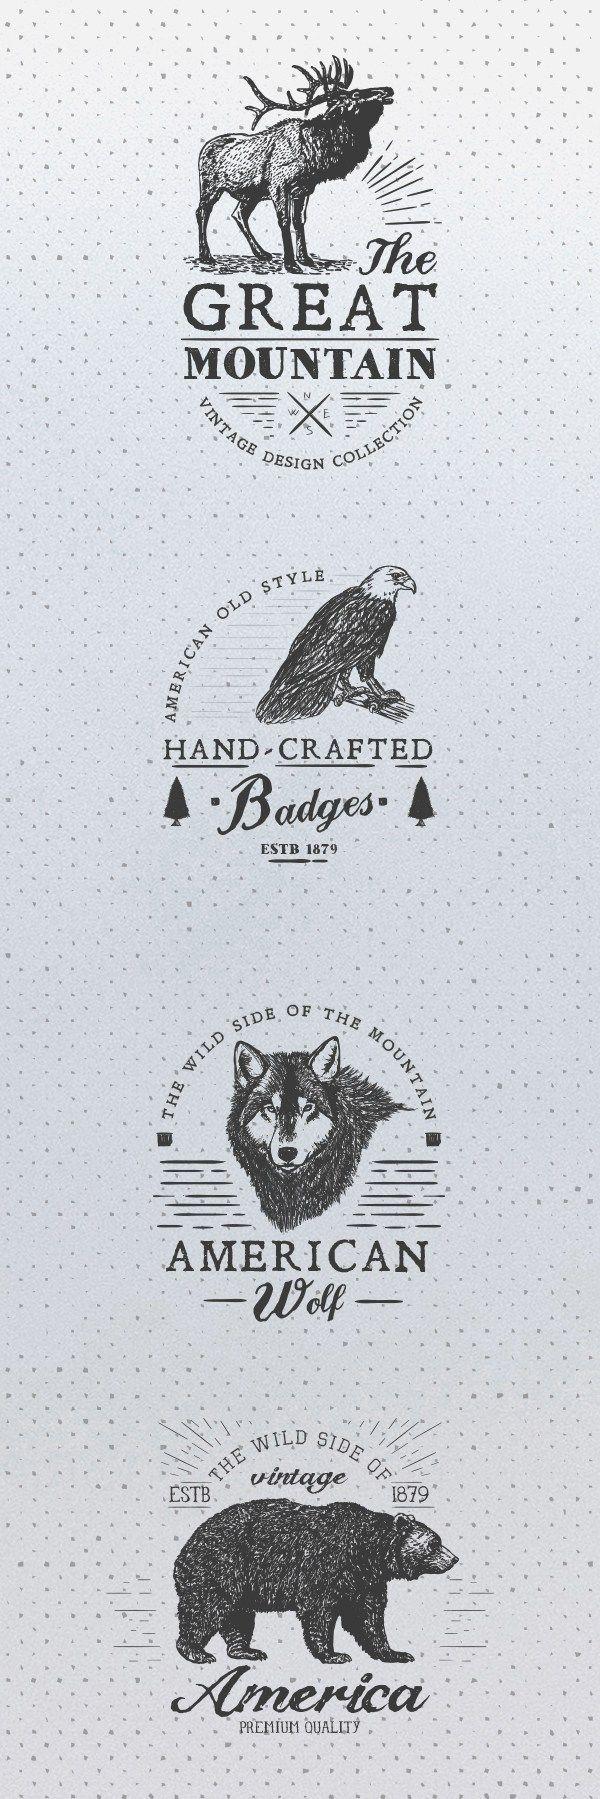 Furniture logo inspiration - Free Animal Rustic Logos